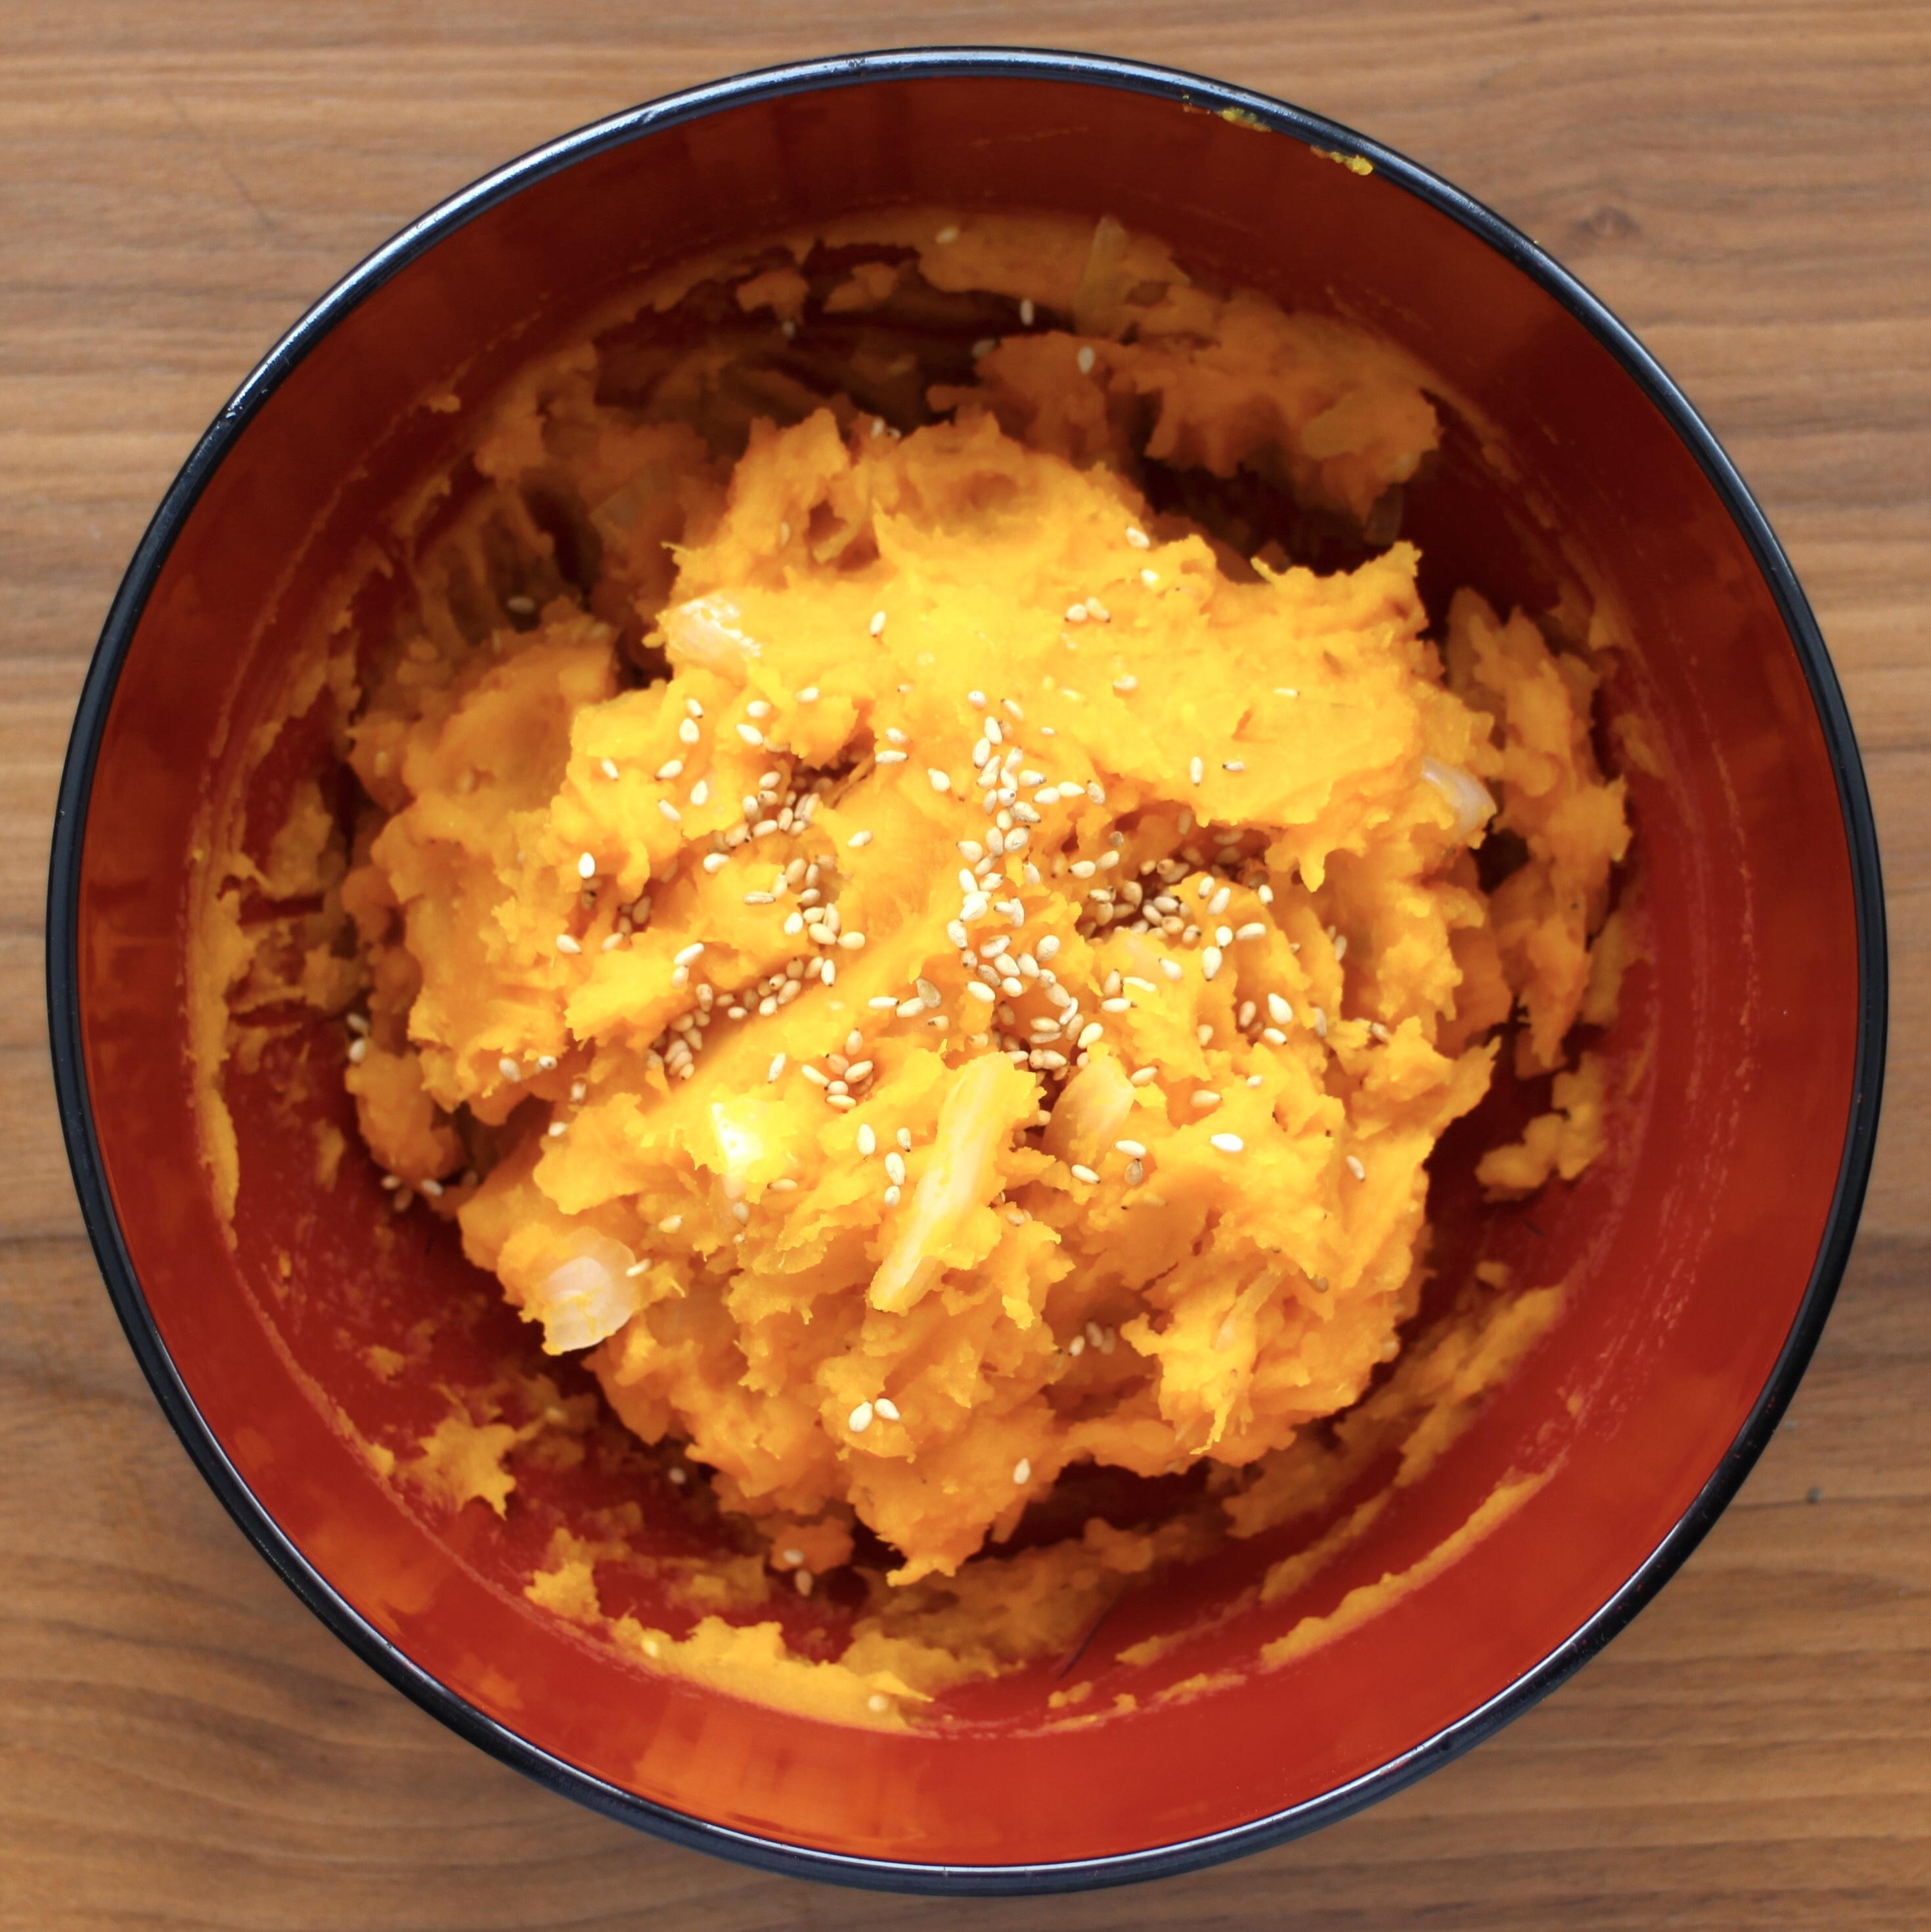 アレンジレシピ18:かぼちゃサラダ